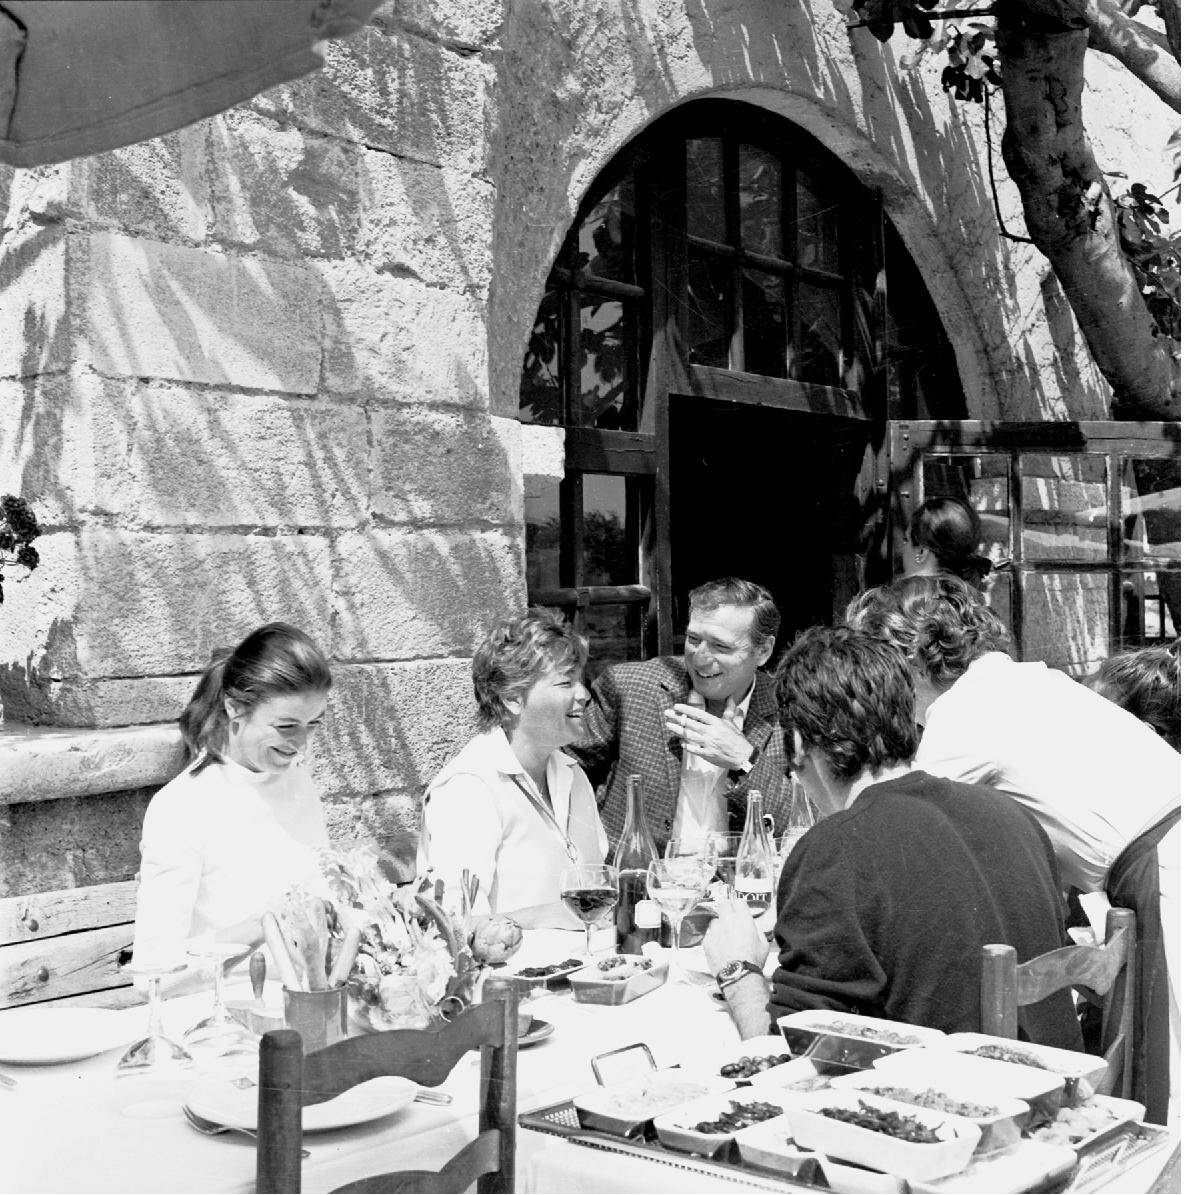 Montand avec Simone Signoret et des amis sur la terrasse de la Colombe d'Or.